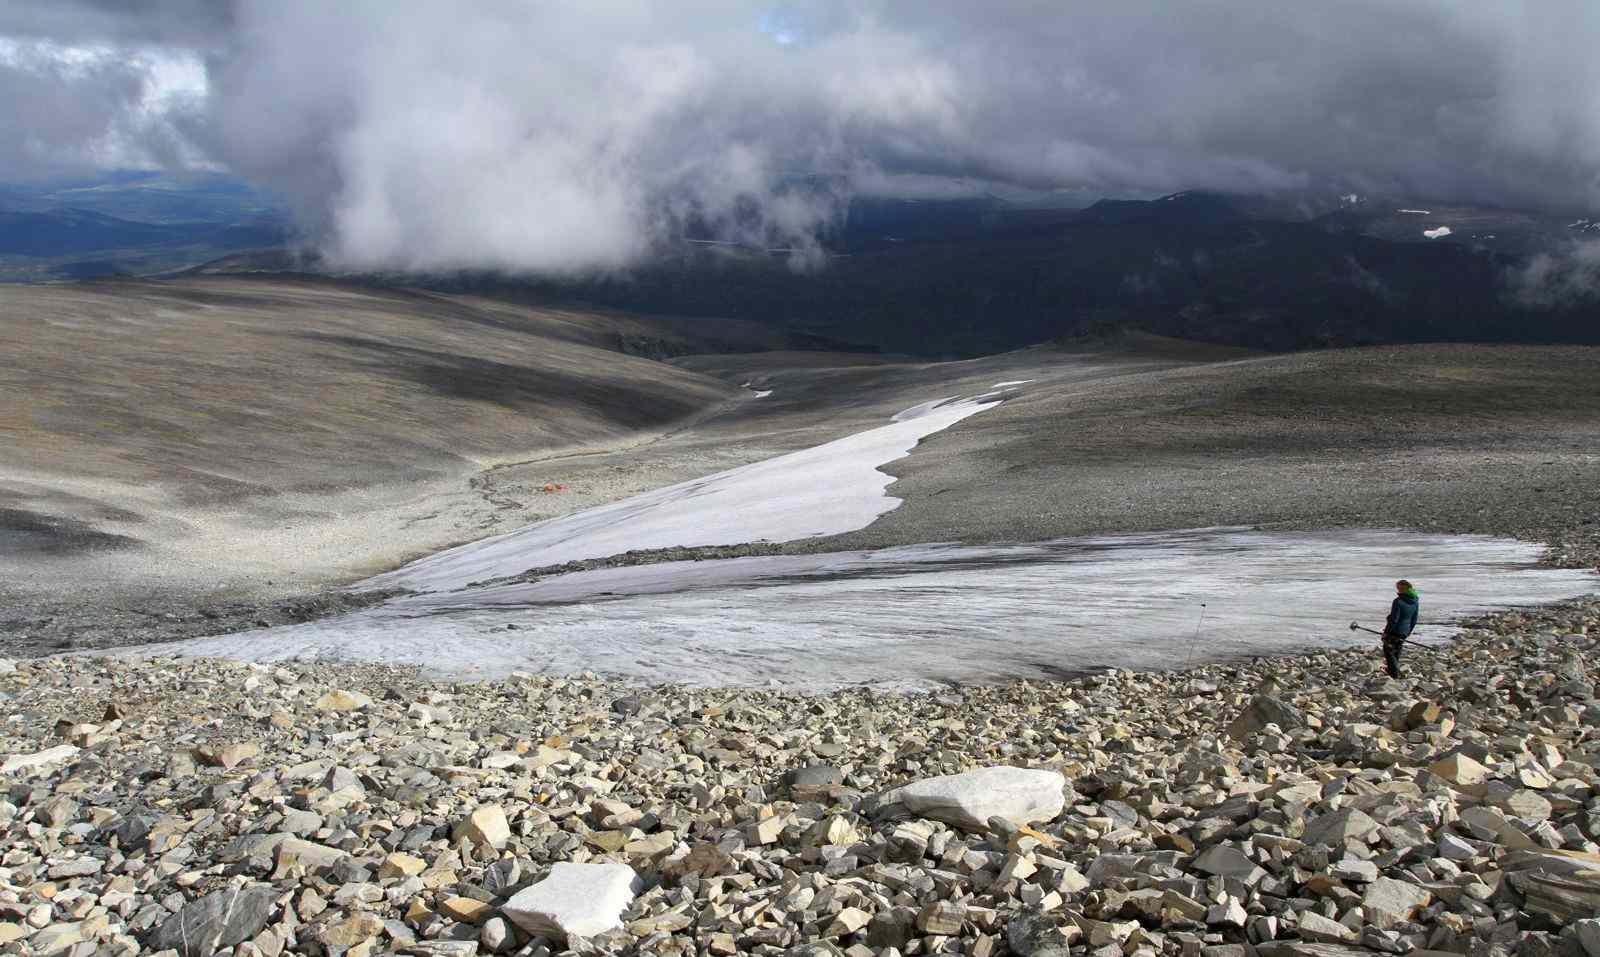 receeding glacier